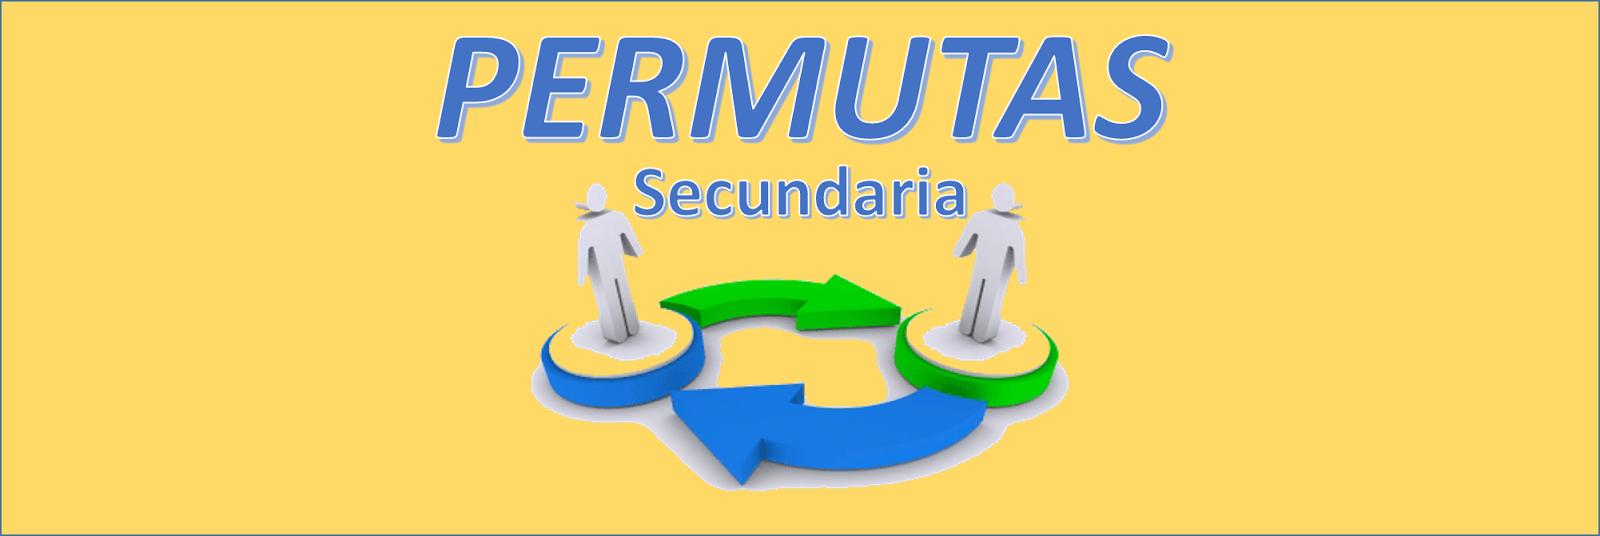 PERMUTAS 2016 - SECUNDARIA